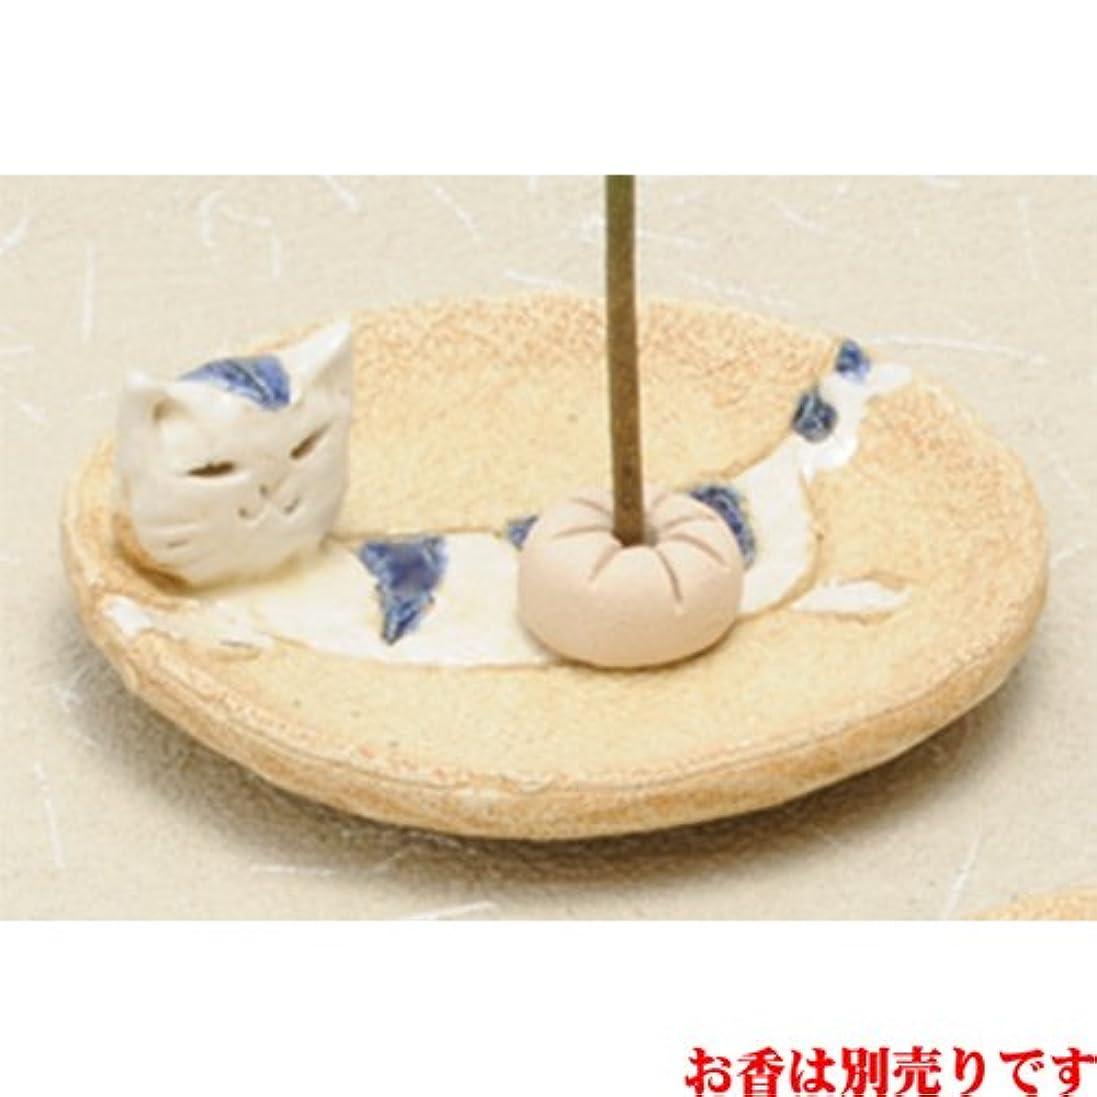 島ねこ 島しまネコ 香皿(青) [R8.5xH3cm] HANDMADE プレゼント ギフト 和食器 かわいい インテリア